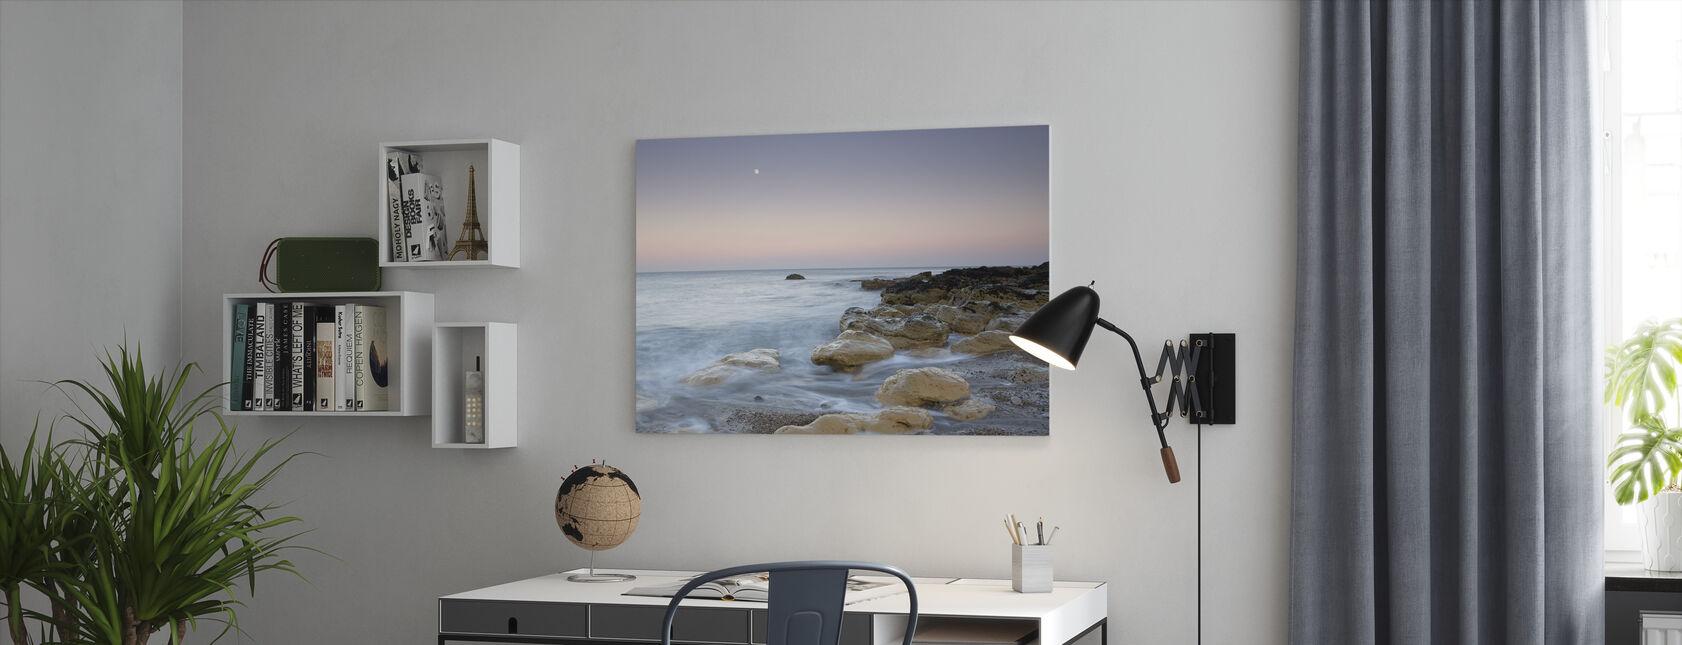 Månegang over havet - Billede på lærred - Kontor